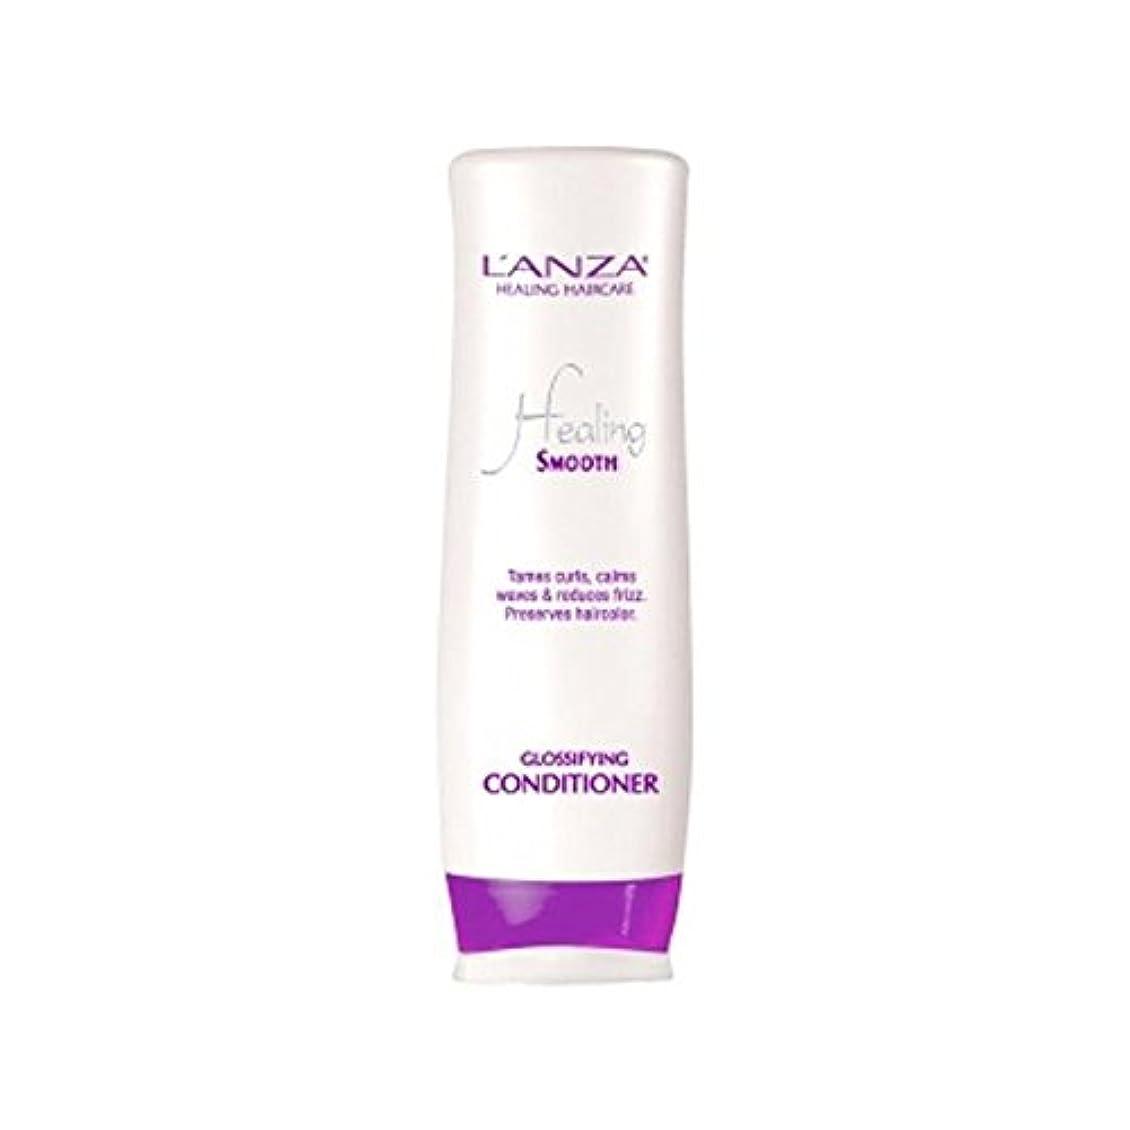 バウンス原子プレビスサイトスムーズなコンディショナーを癒し'アンザ(250ミリリットル) x4 - L'Anza Healing Smooth Glossifying Conditioner (250ml) (Pack of 4) [並行輸入品]